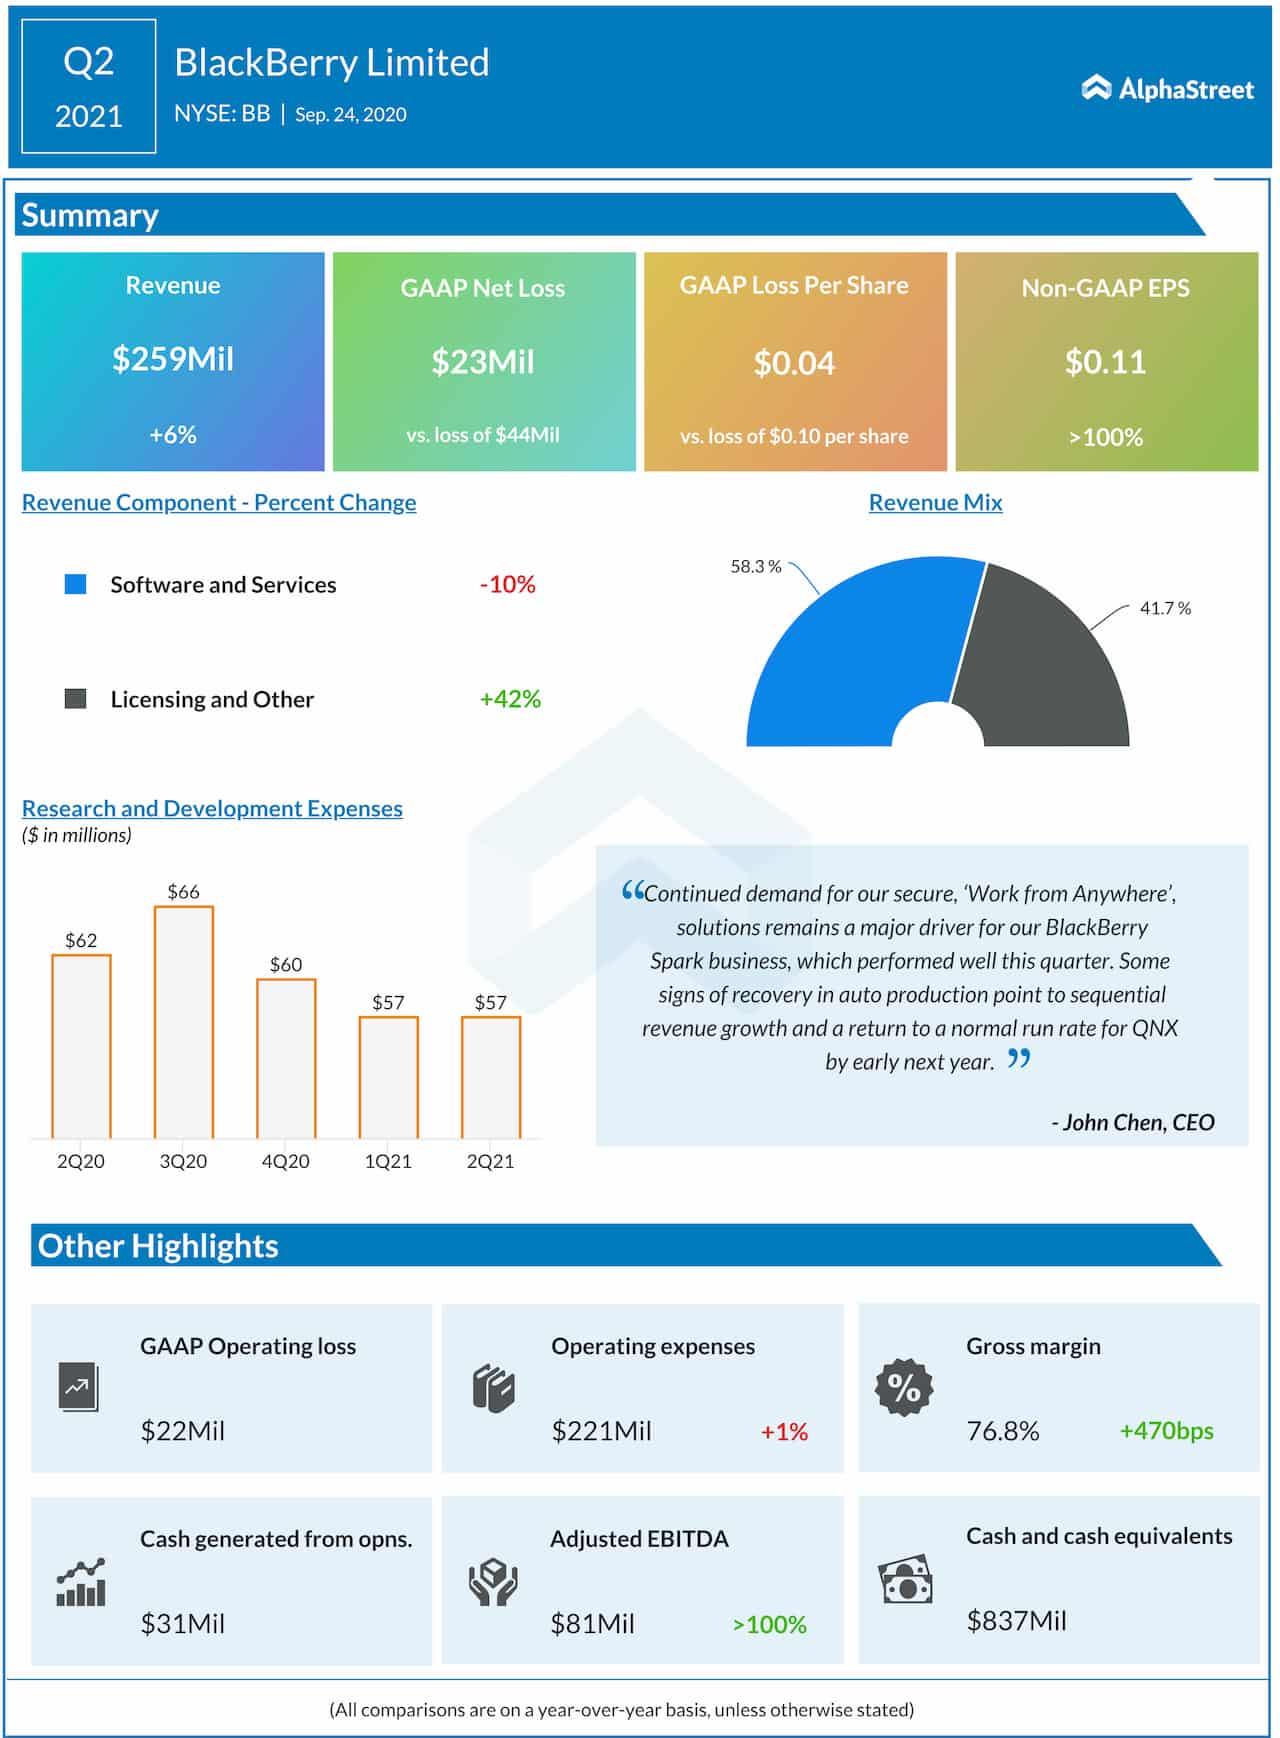 BlackBerry Q2 2021 Earnings Infographic